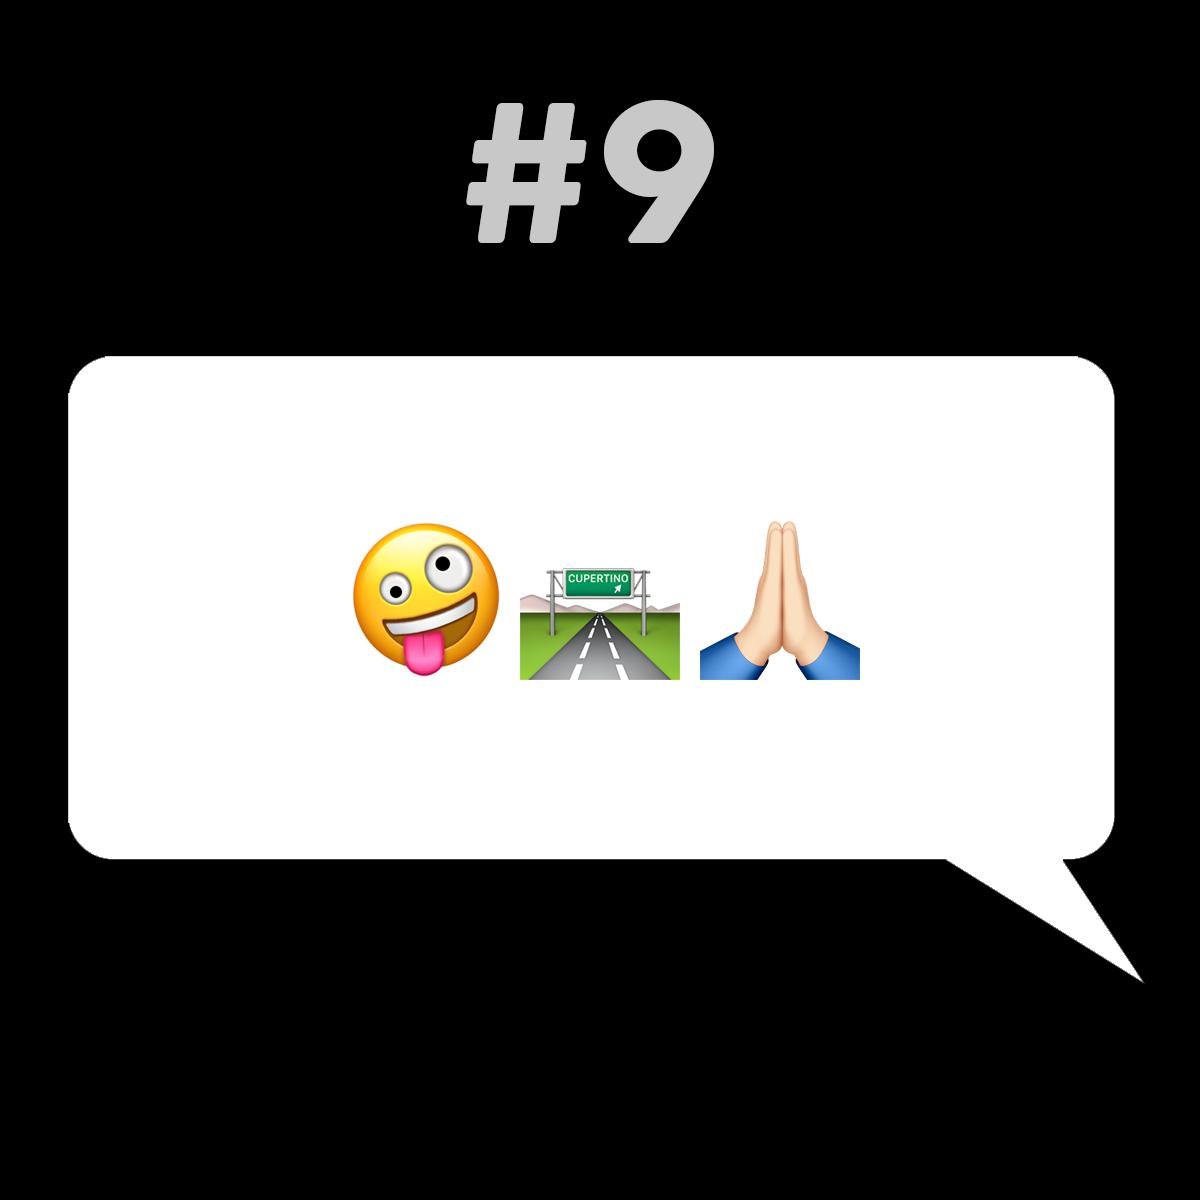 Musik-Acts in Emojis emojibands_09